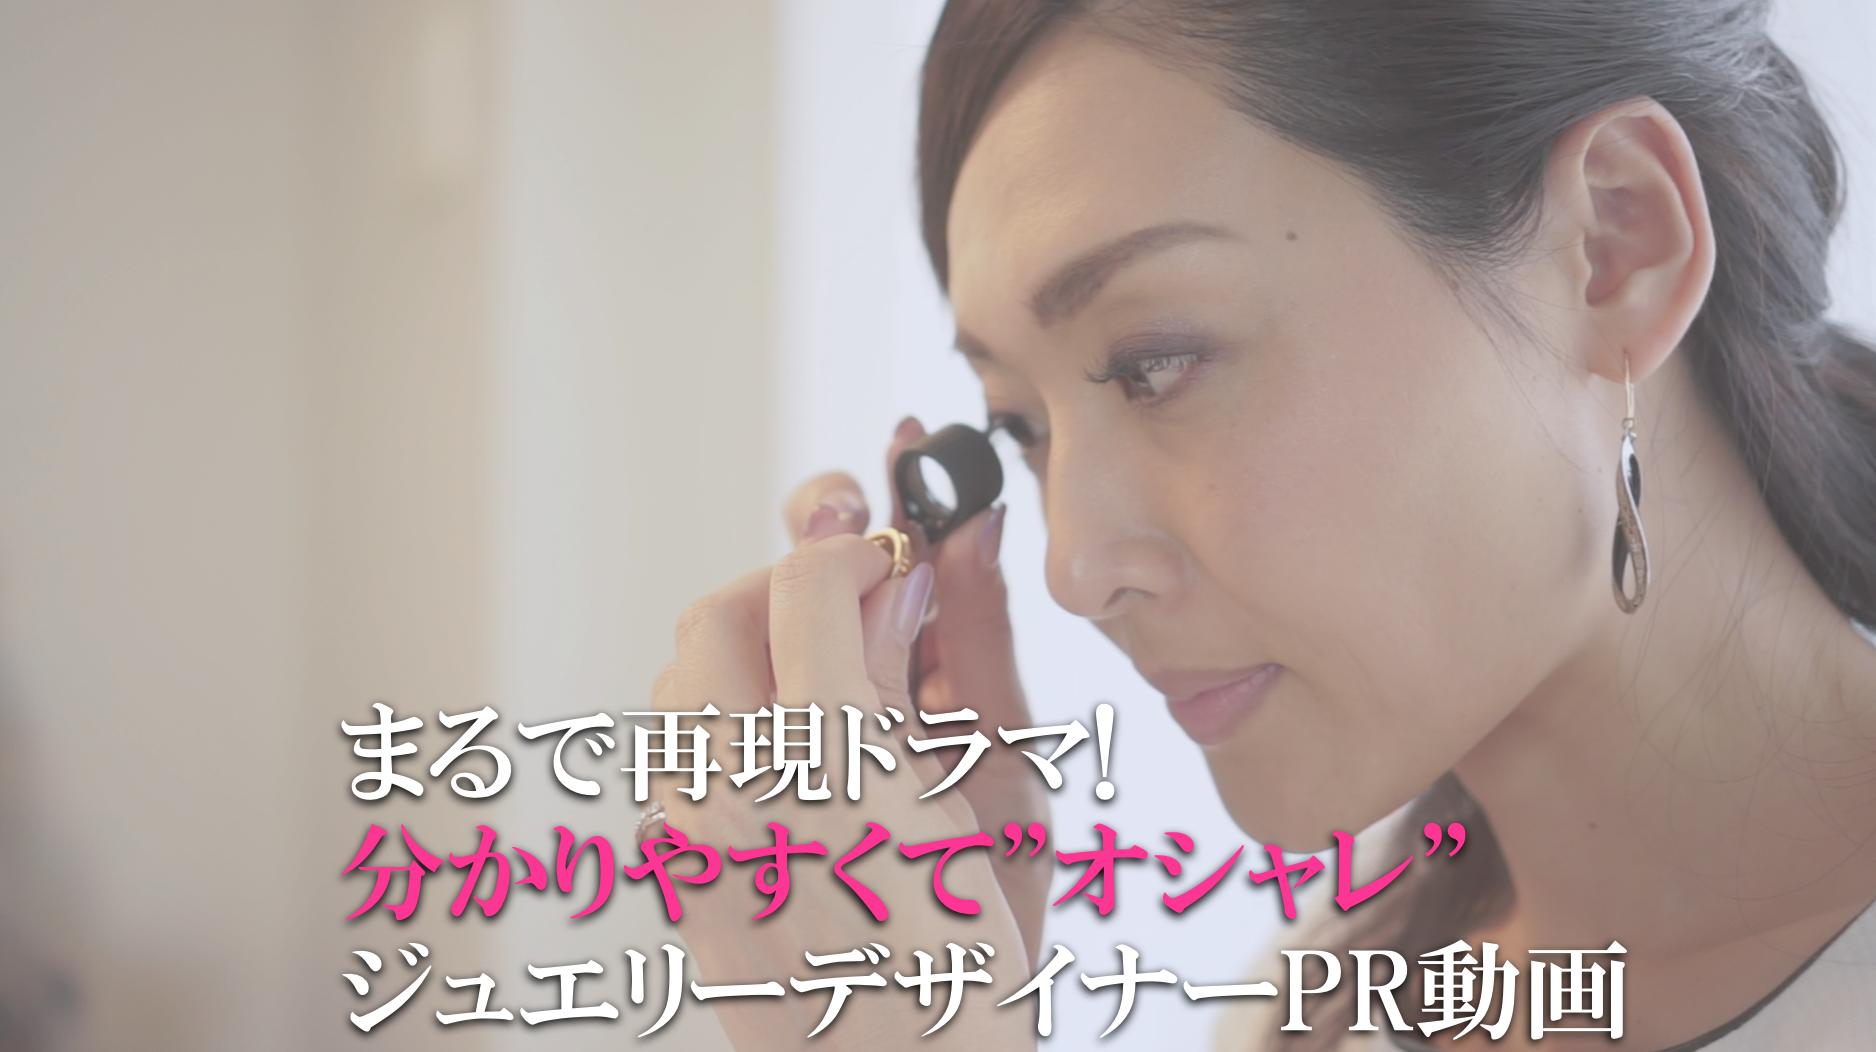 売り込み感なく商品を伝える ジュエリーデザイナー 小俣友里様 PR動画